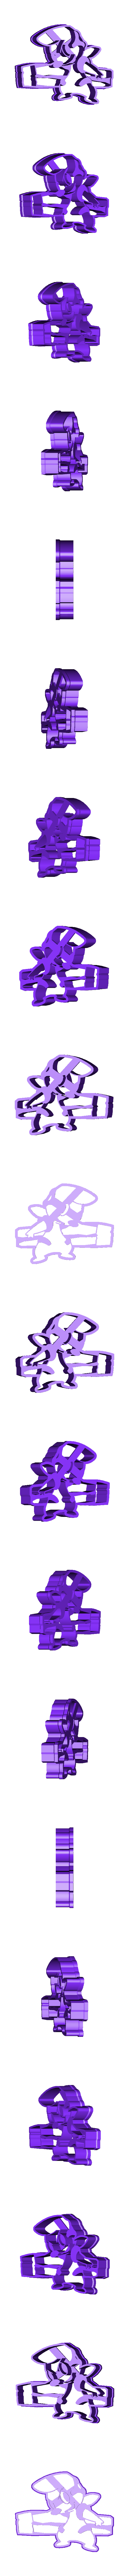 3D-01055 - TIMBURR COOKIE CUTTER.stl Descargar archivo STL Timburr Pokemon Cookie Cutter • Objeto para imprimir en 3D, 3DPrintersaur